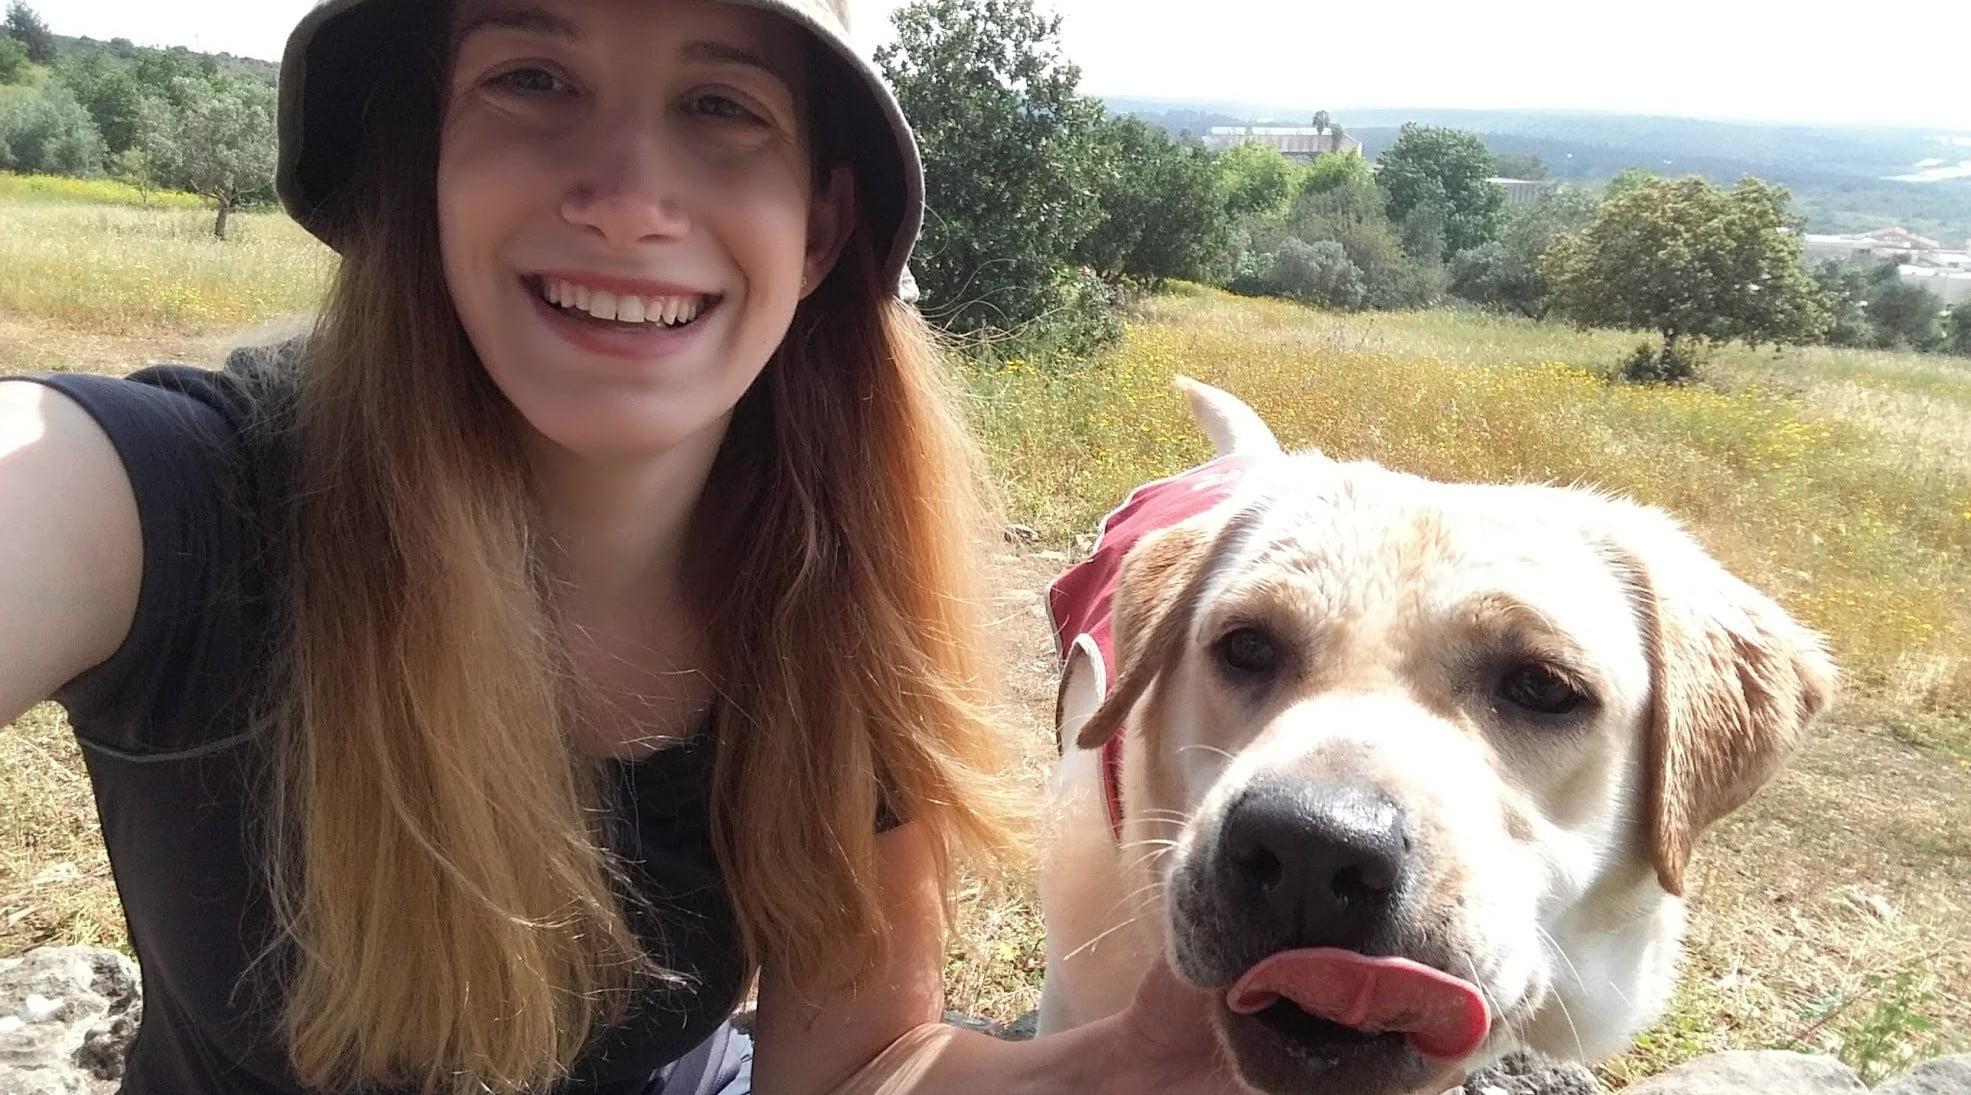 Shir Tabac, étudiante, a déclaré qu'il était étonnant de voir comment Chai, son chien nourricier, est passée d'une «boule de duvet» âgée de 3 mois à un chien qui fournit maintenant un soutien à un garçon autiste.